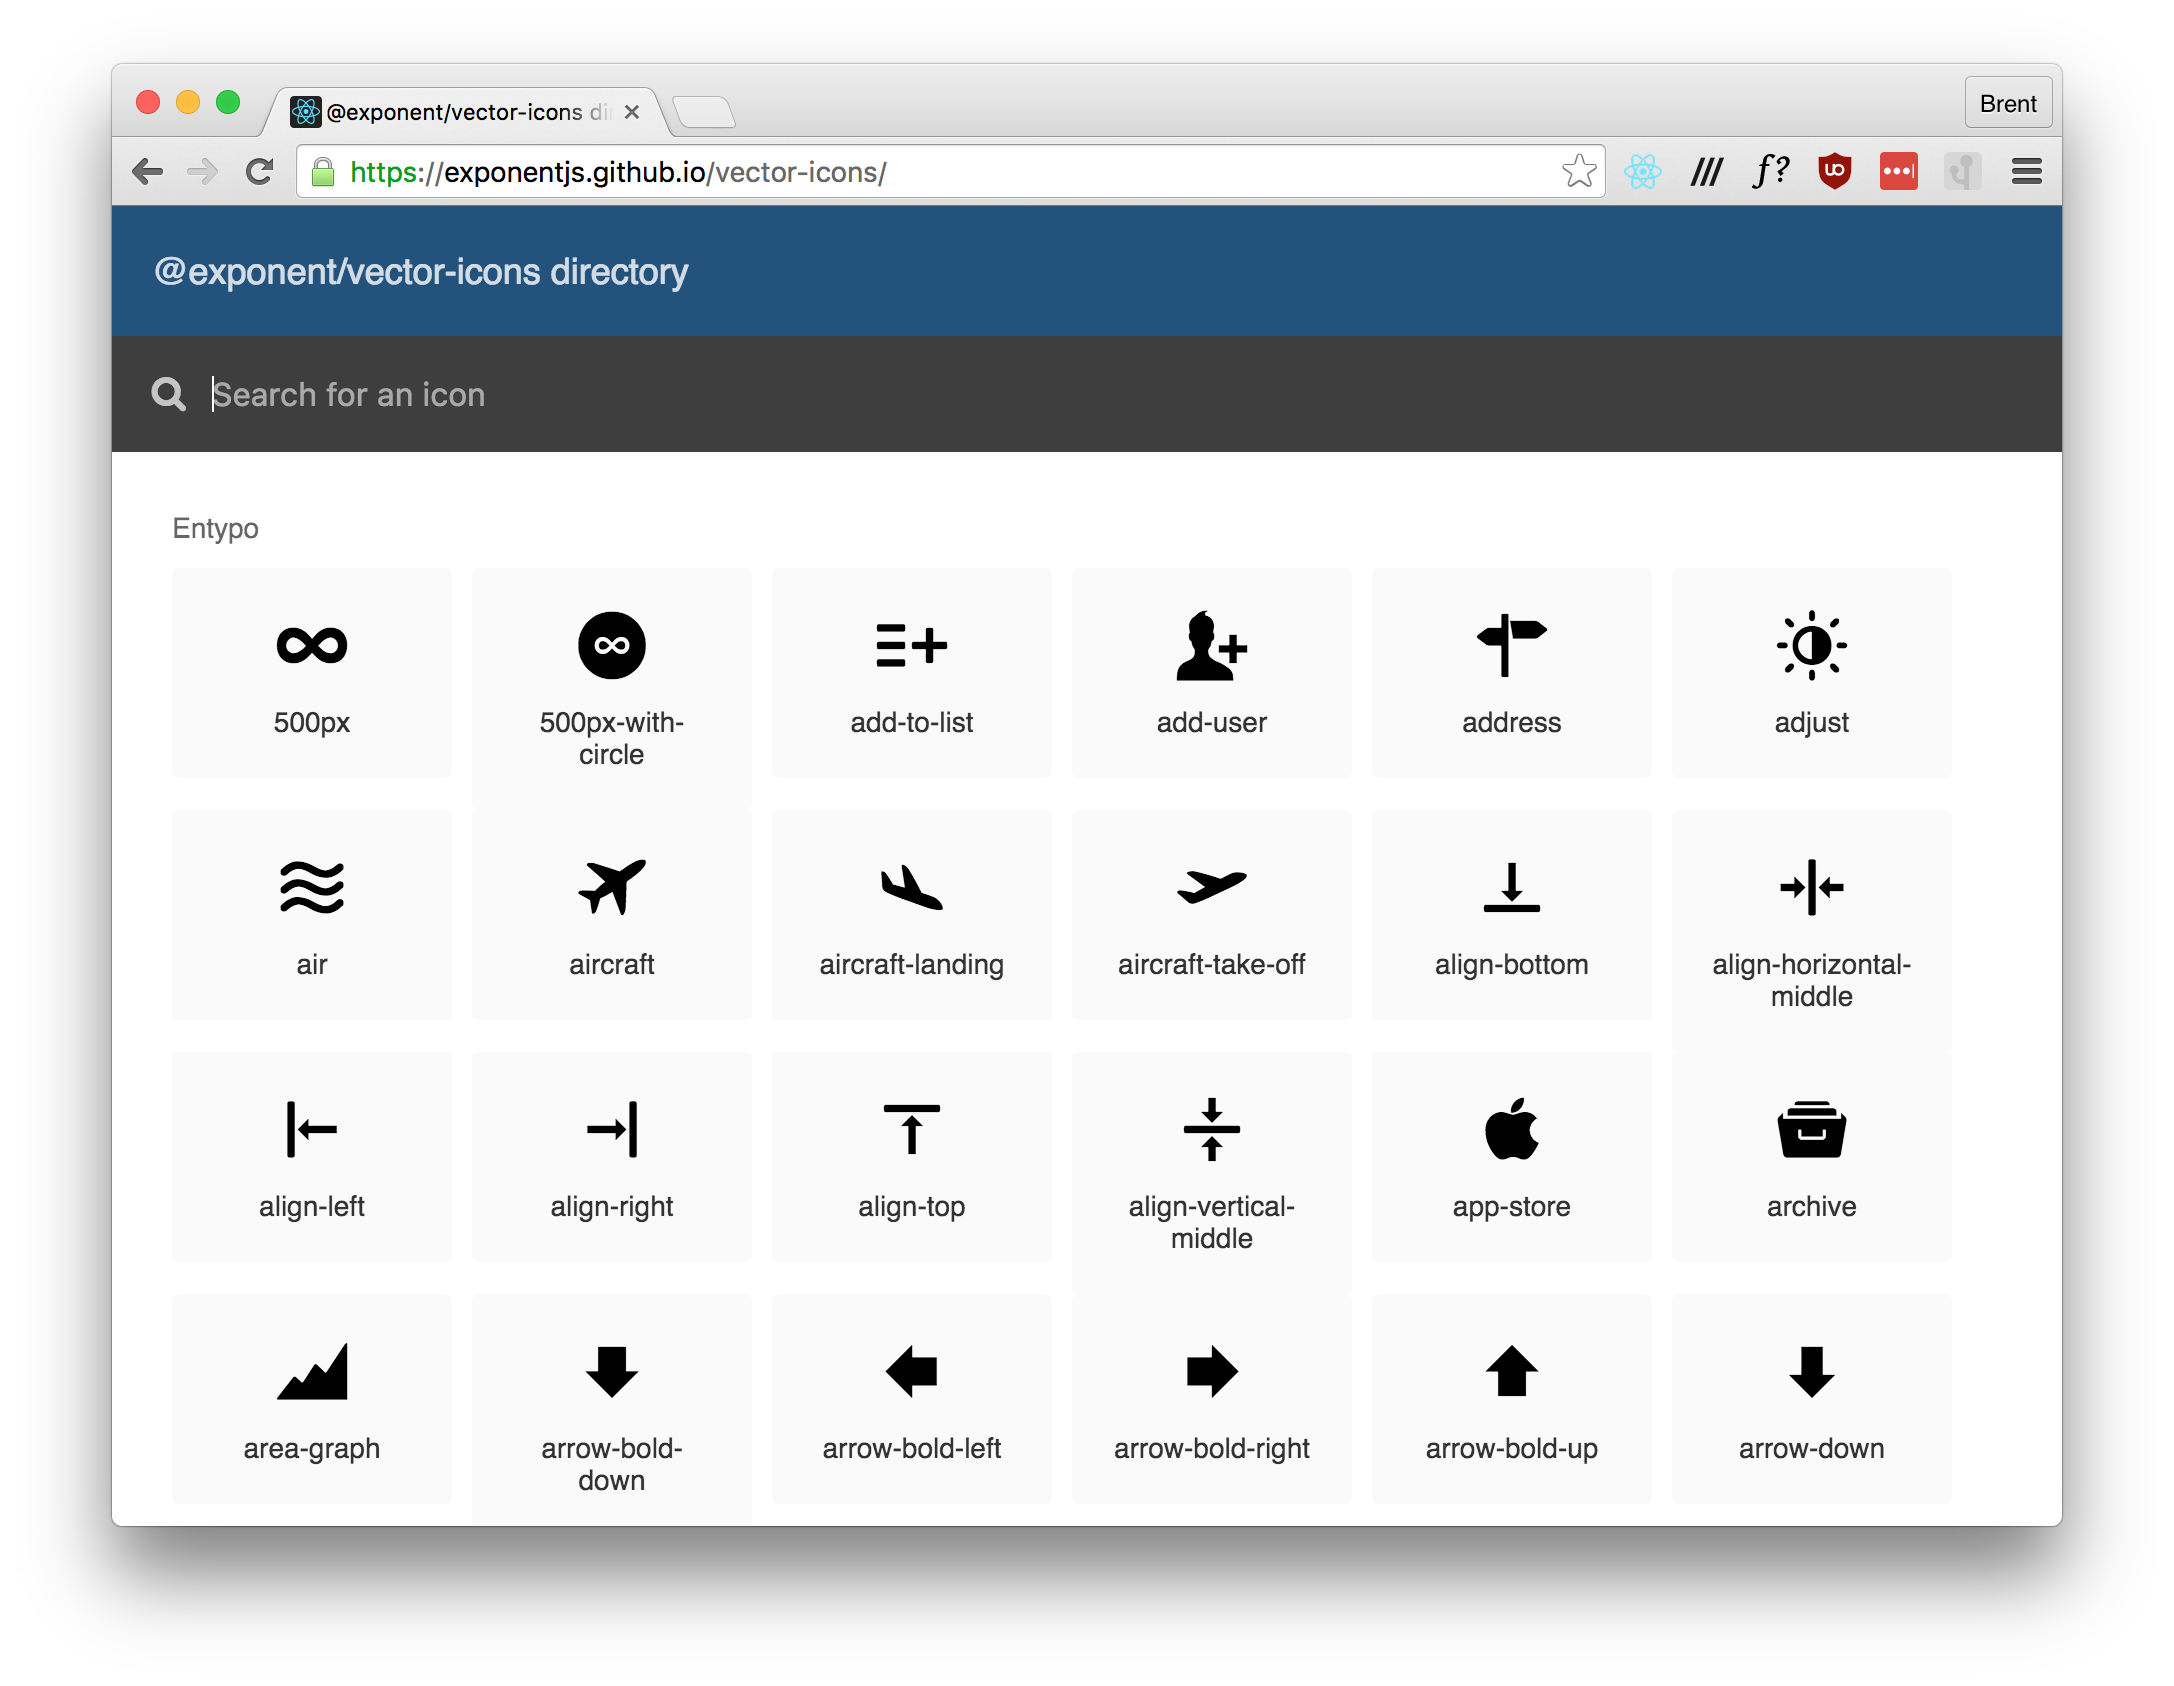 Github Expo Vector Icons